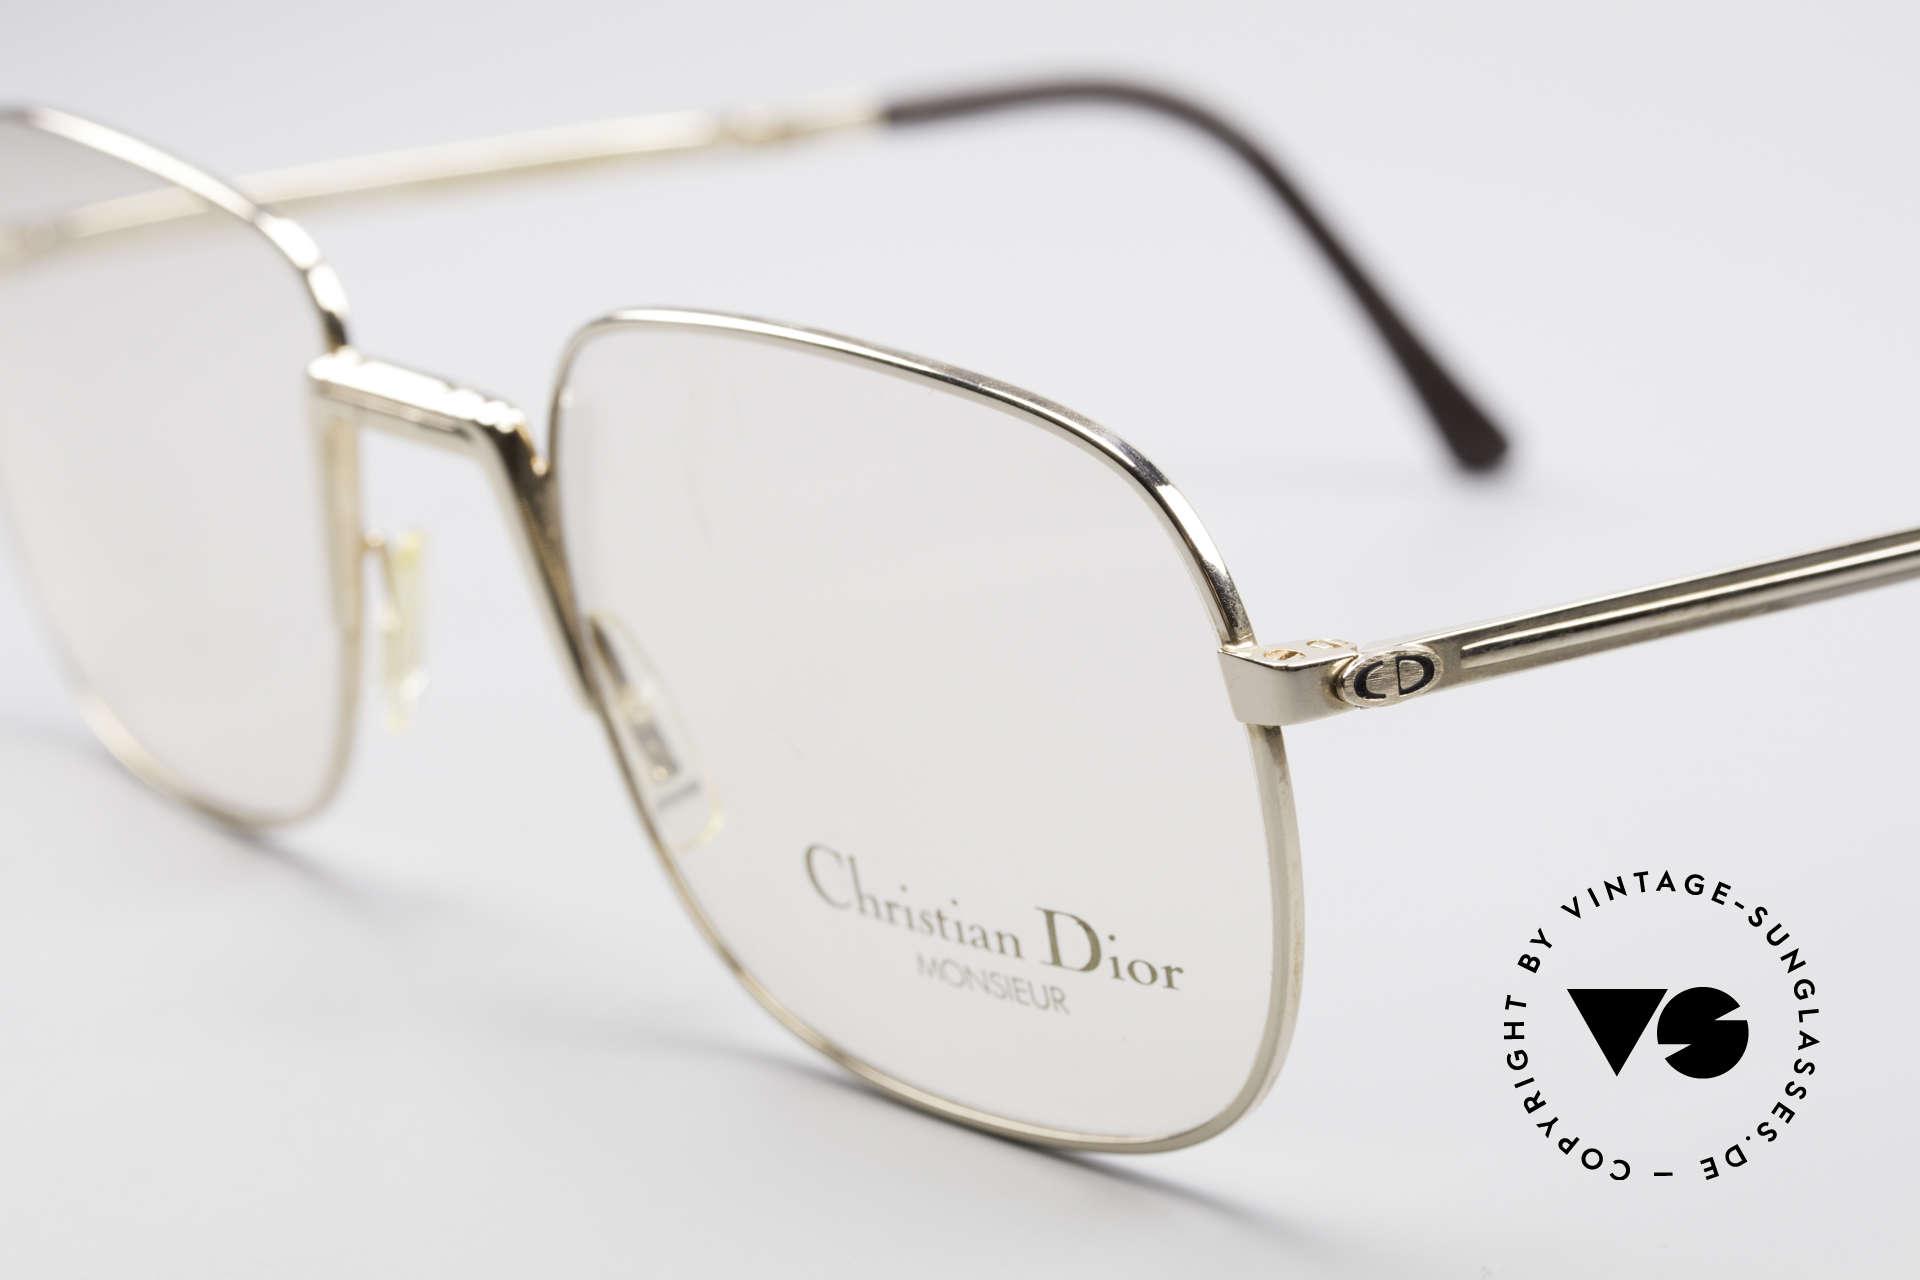 Christian Dior 2288 Monsieur Vintage Faltbrille, ungetragen; wie all unsere seltenen 80er Faltbrillen, Passend für Herren